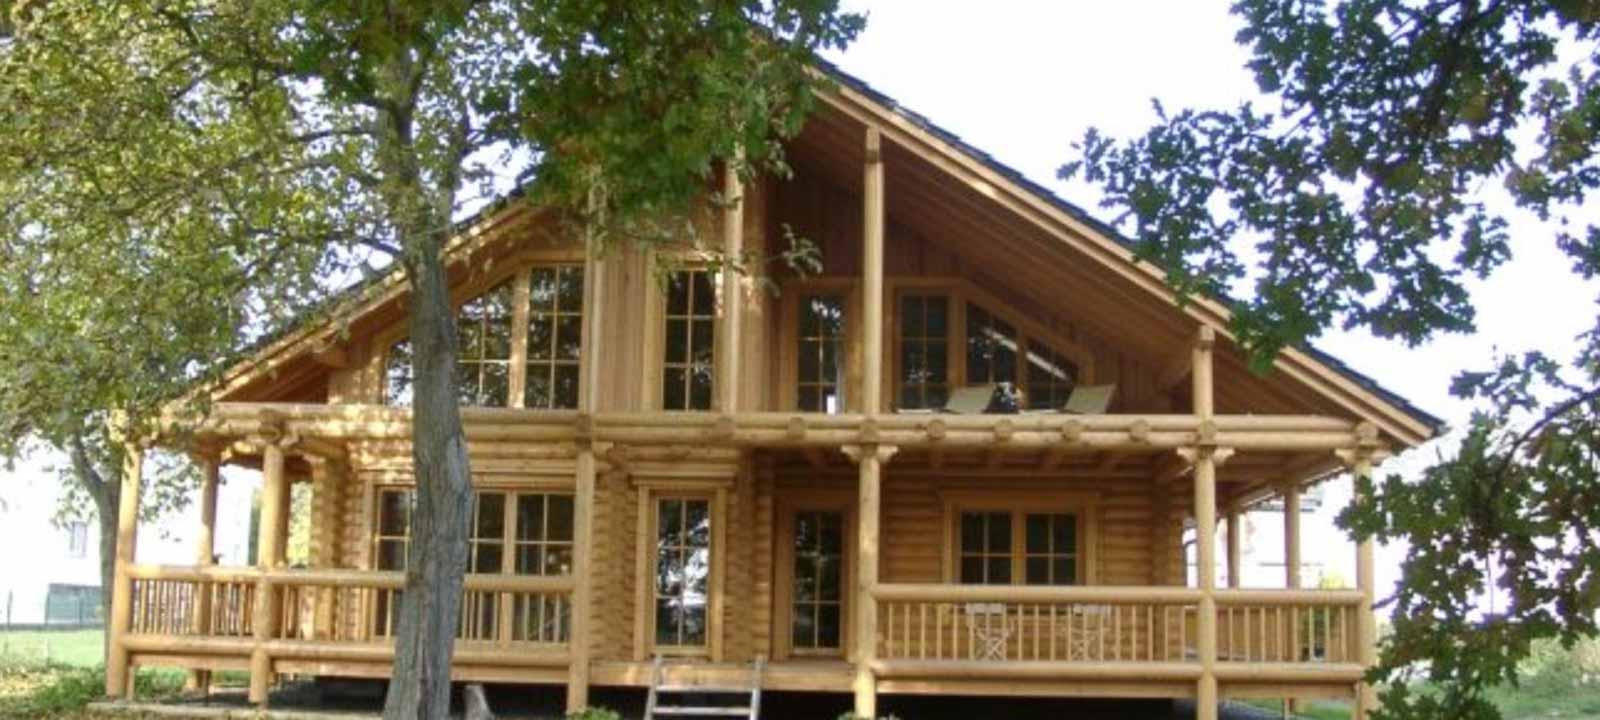 WoodVille Design Blokhut MtOLYMPUS RLR 291M2